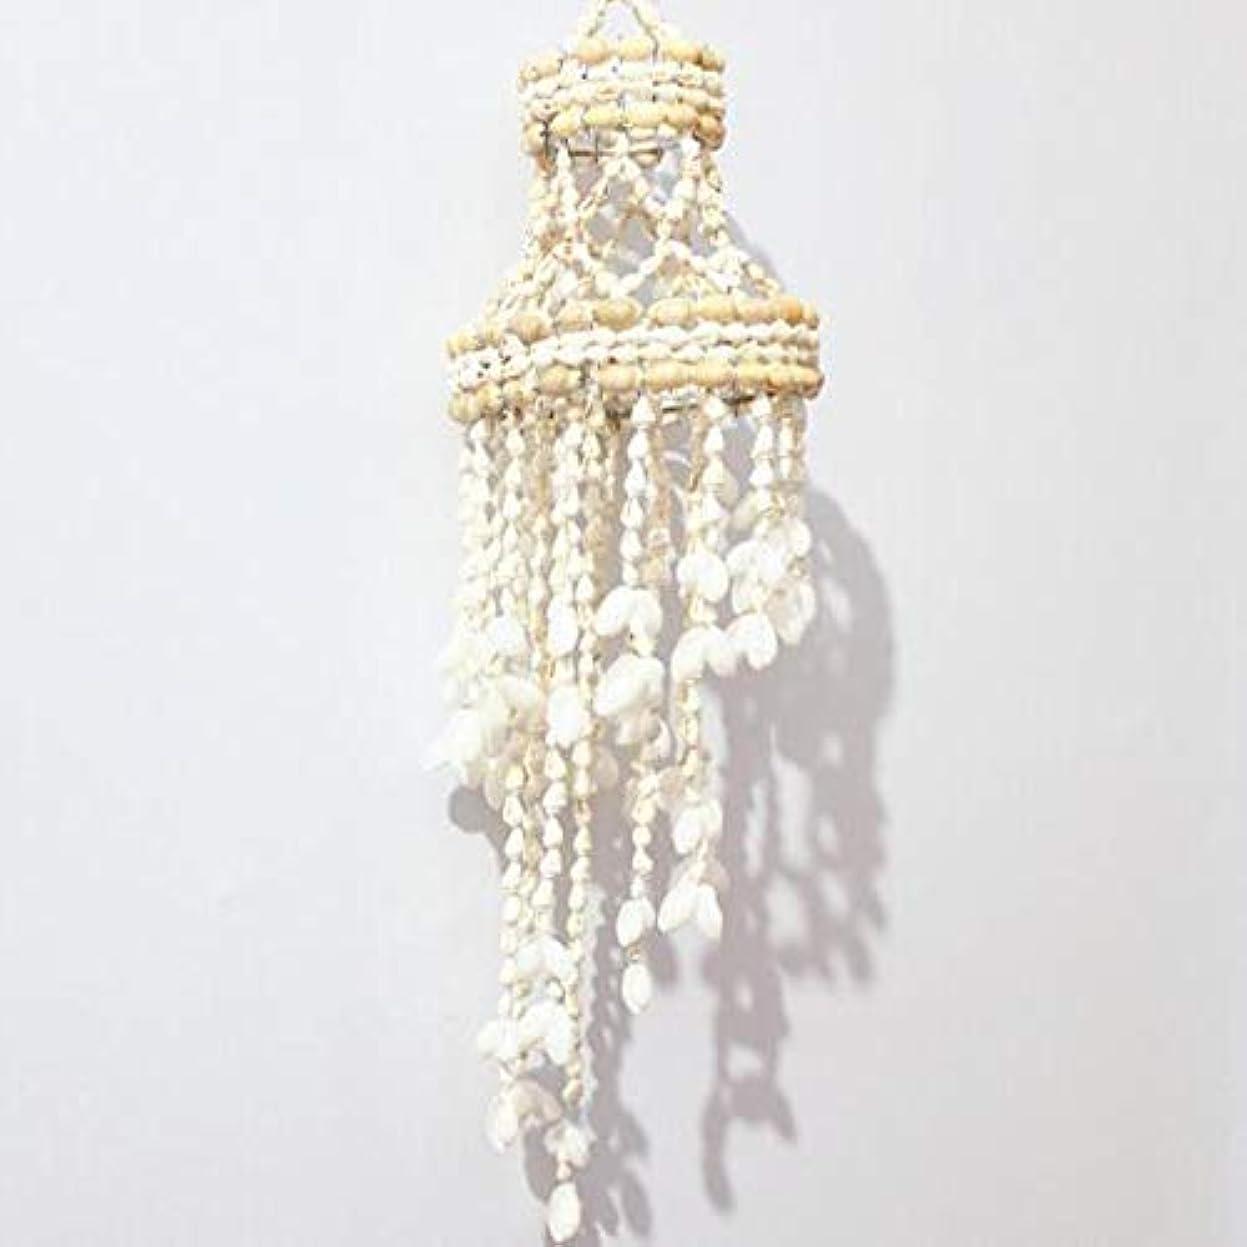 インターネット豚発明Chengjinxiang 風チャイム、ナチュラル手作りシェル風の鐘、ホワイト、約長さ50cm,クリエイティブギフト (Color : D)